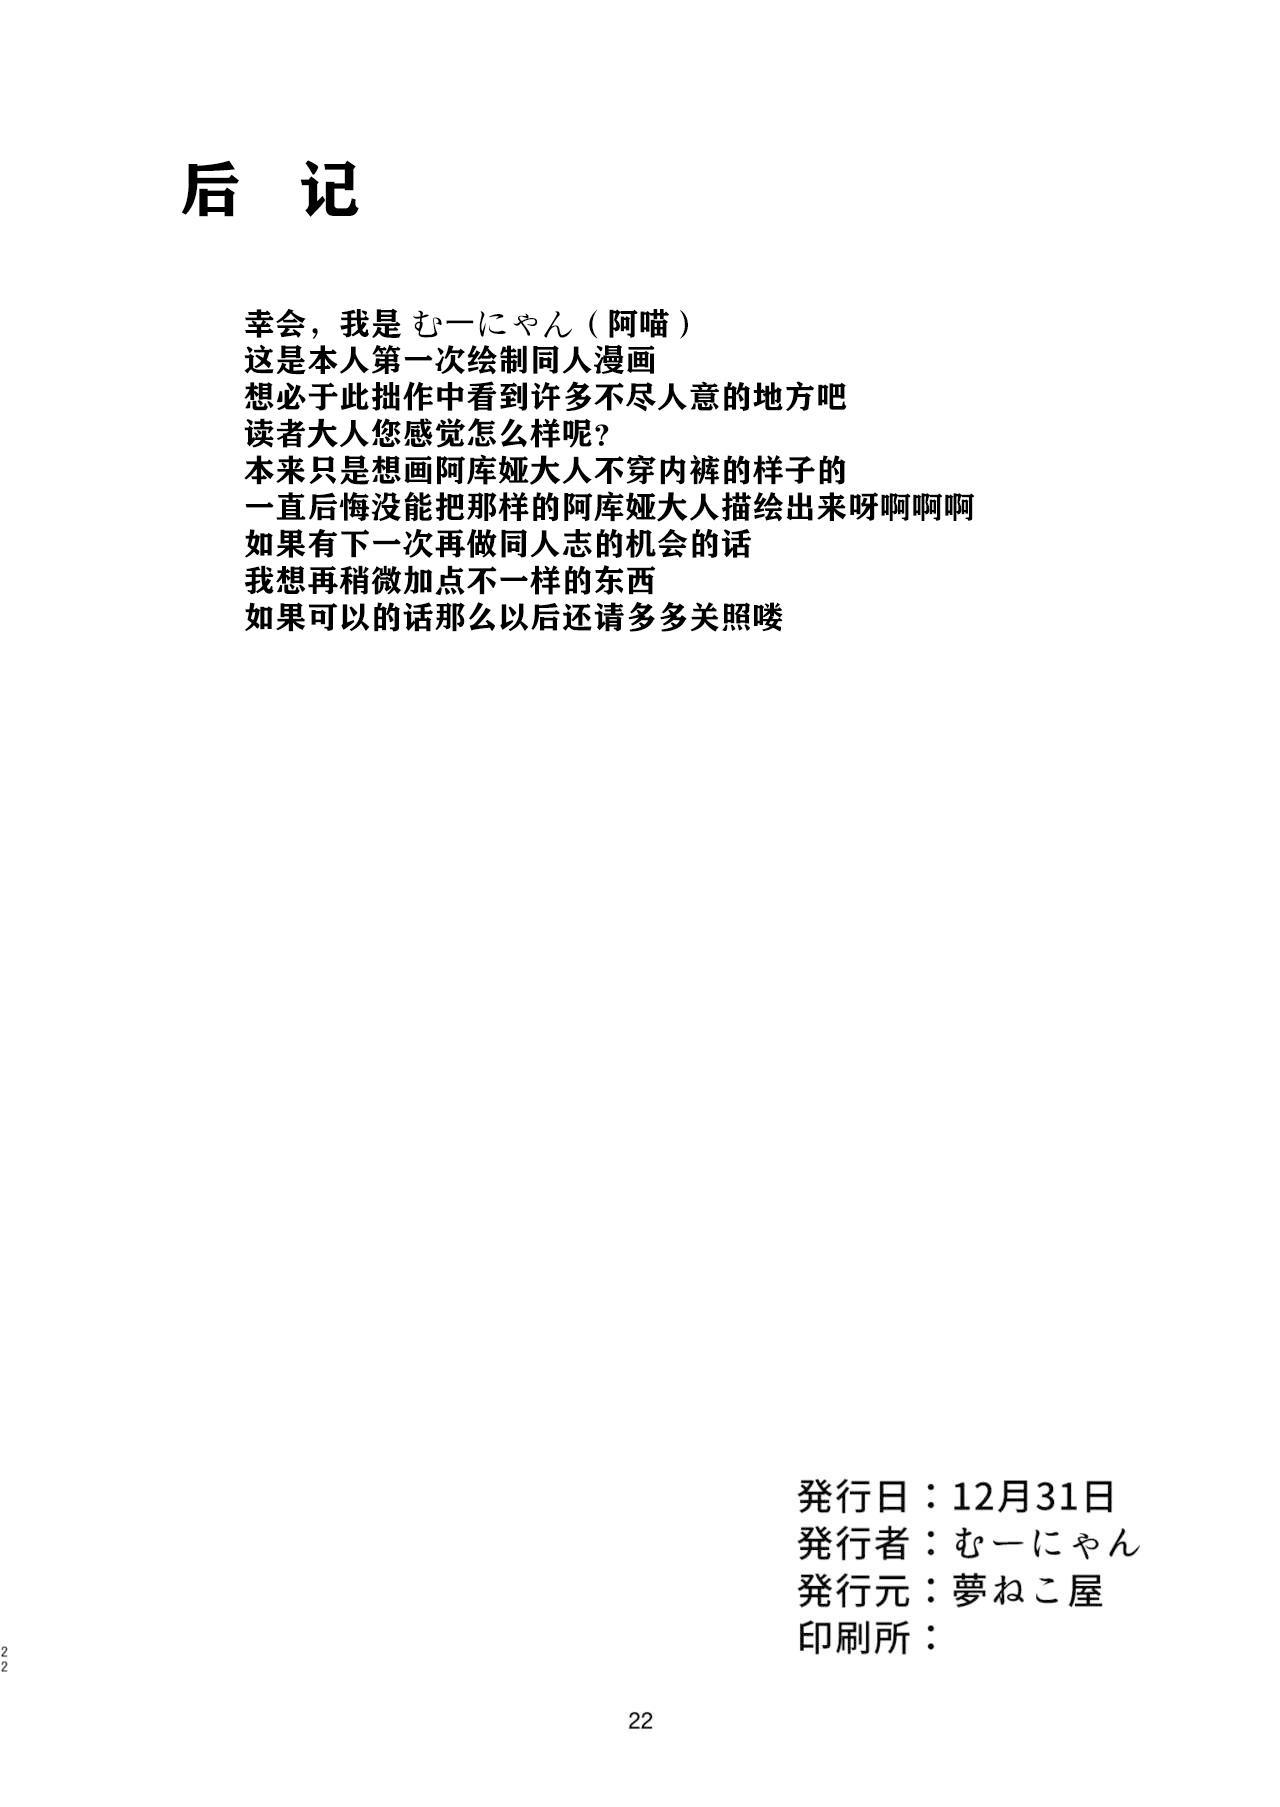 Kono Subarashii Megami kara Syukufuku o! 22